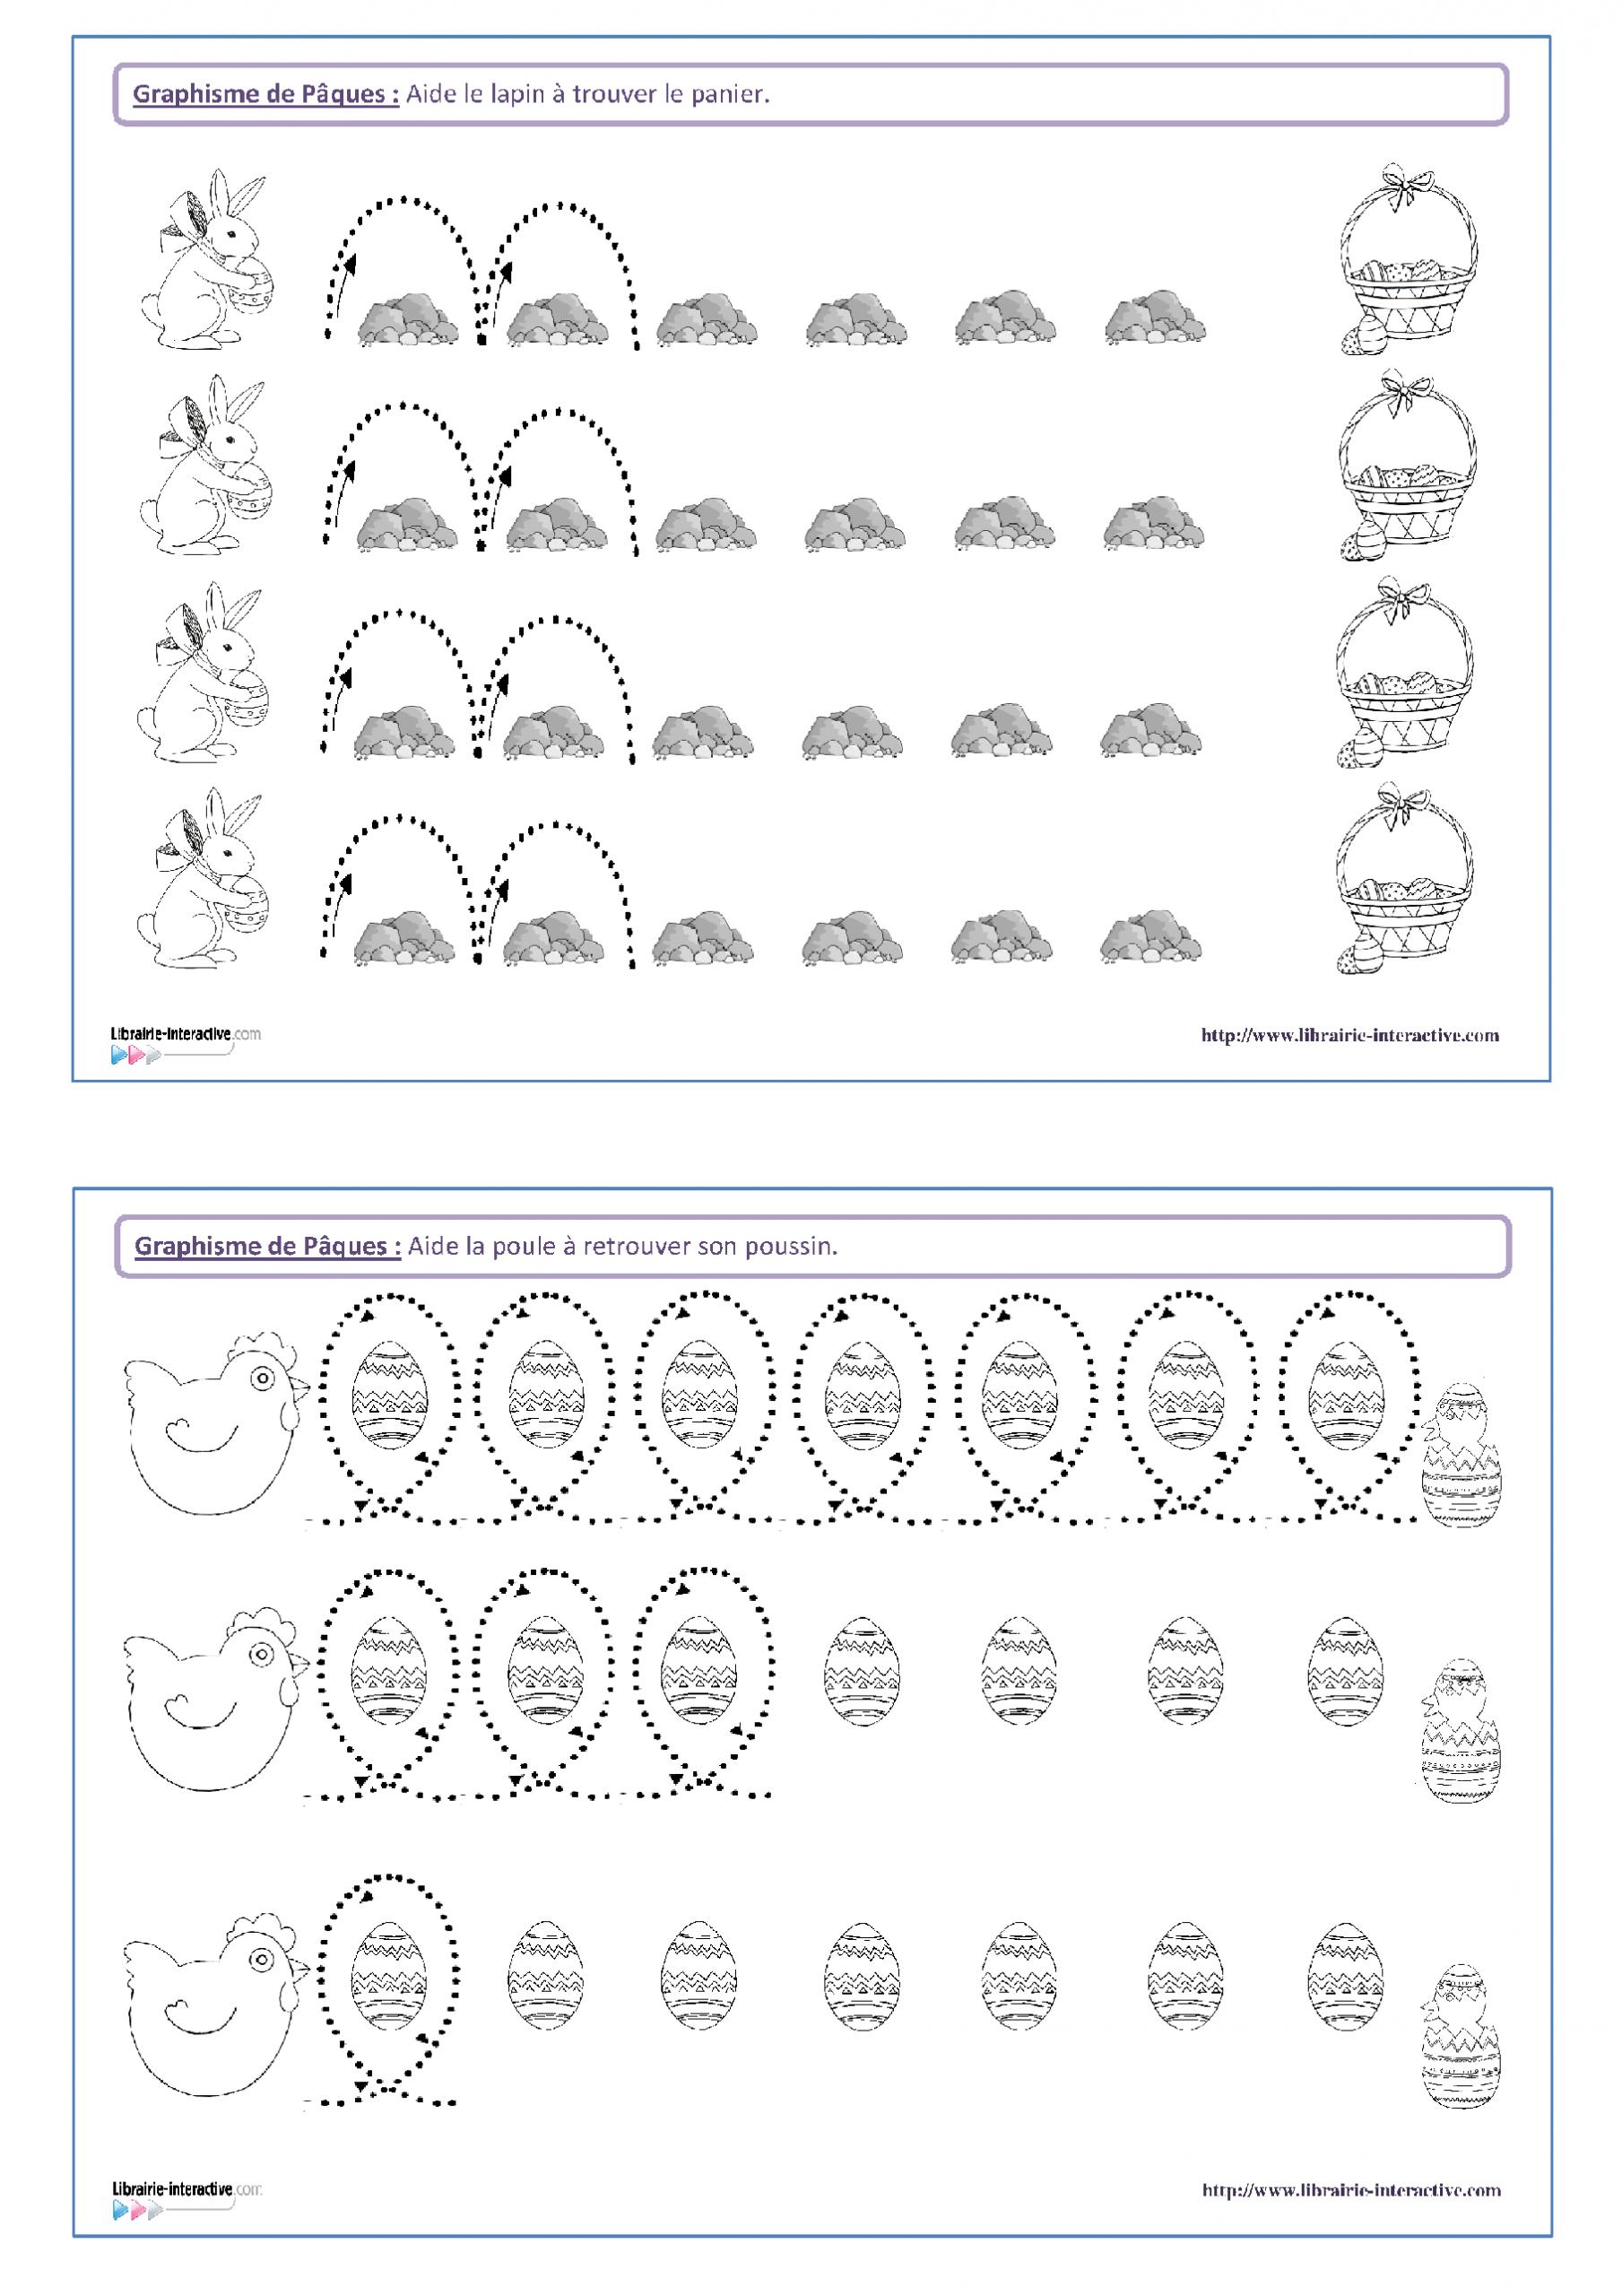 14 Fiches De Graphisme Sur Le Thème De Pâques, Pour Les concernant Graphisme En Petite Section